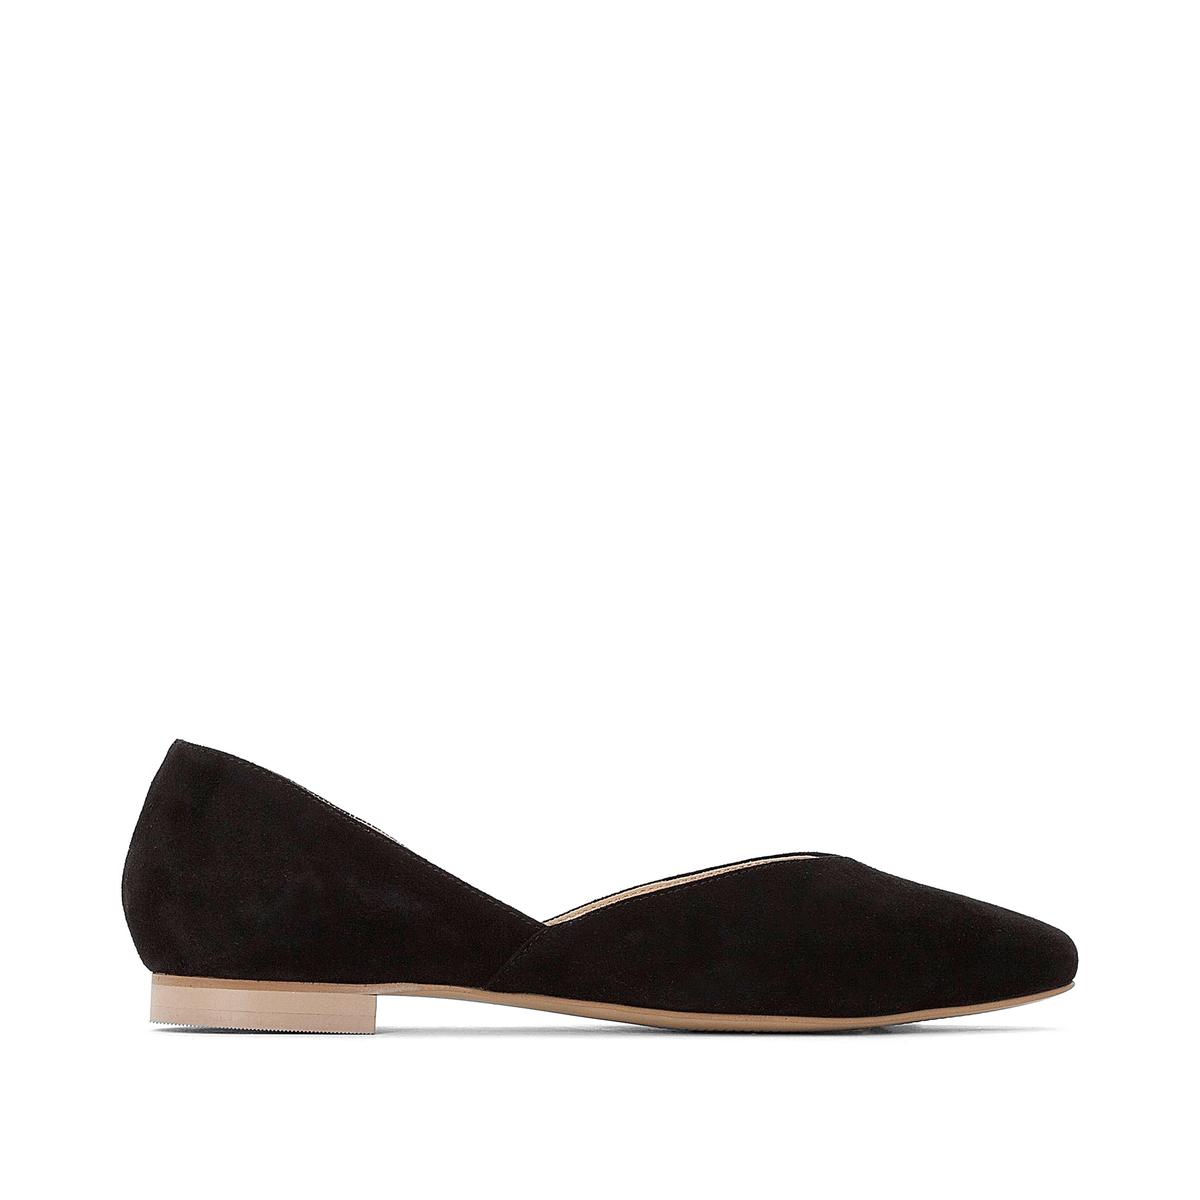 Балетки La Redoute Кожаные с заостренным мыском 36 черный туфли la redoute кожаные с открытым мыском и деталями золотистого цвета 41 черный